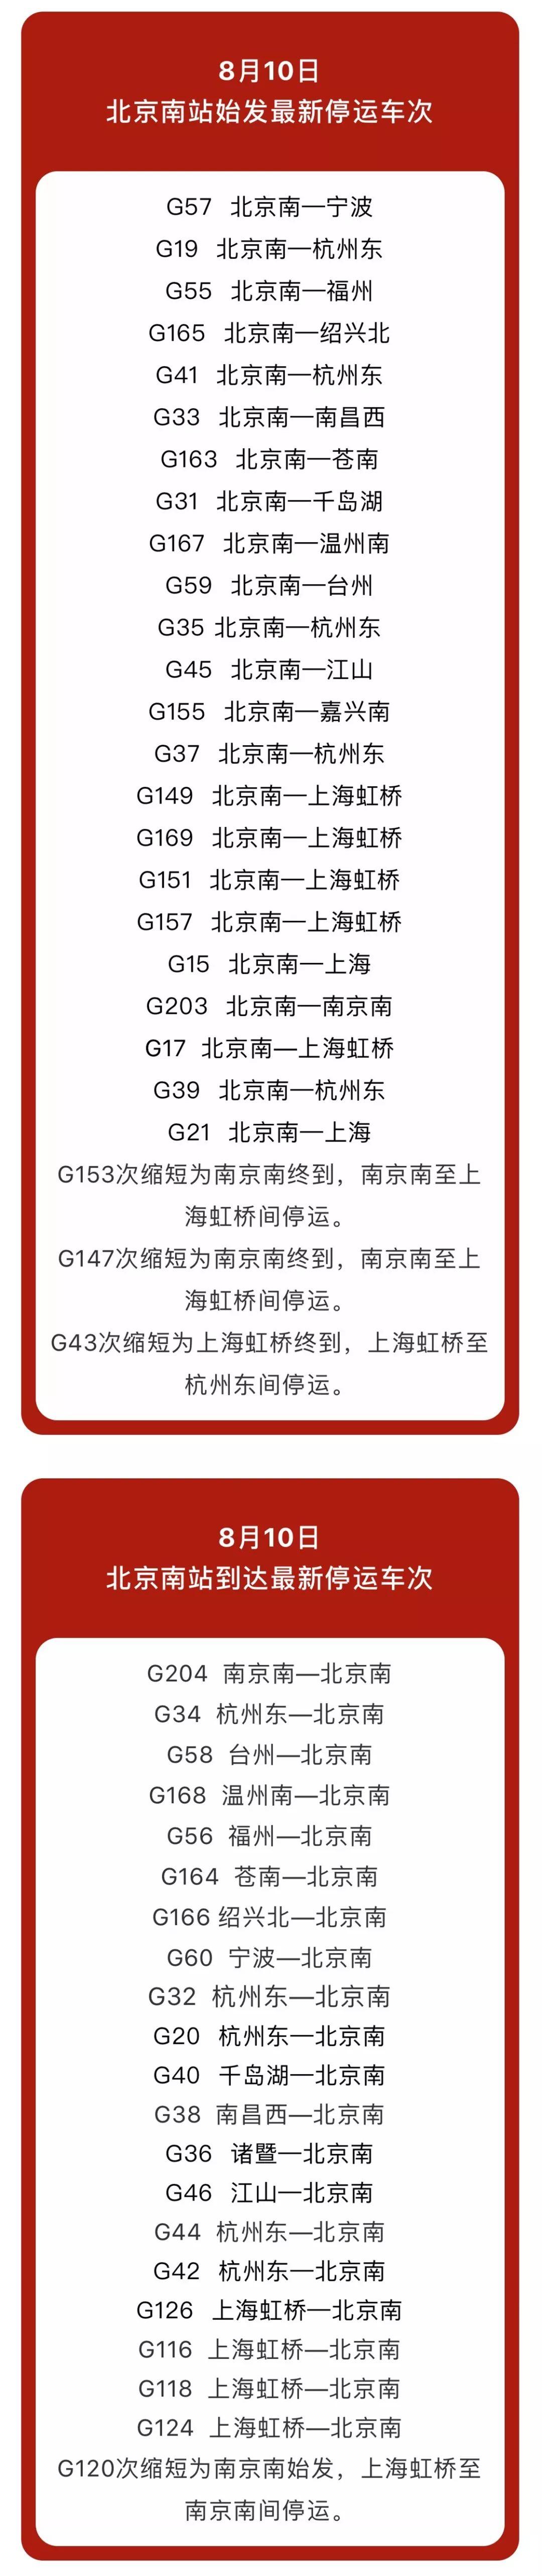 """【关注】最新!受台风""""利奇马""""影响,北京南站停运列车超百趟"""